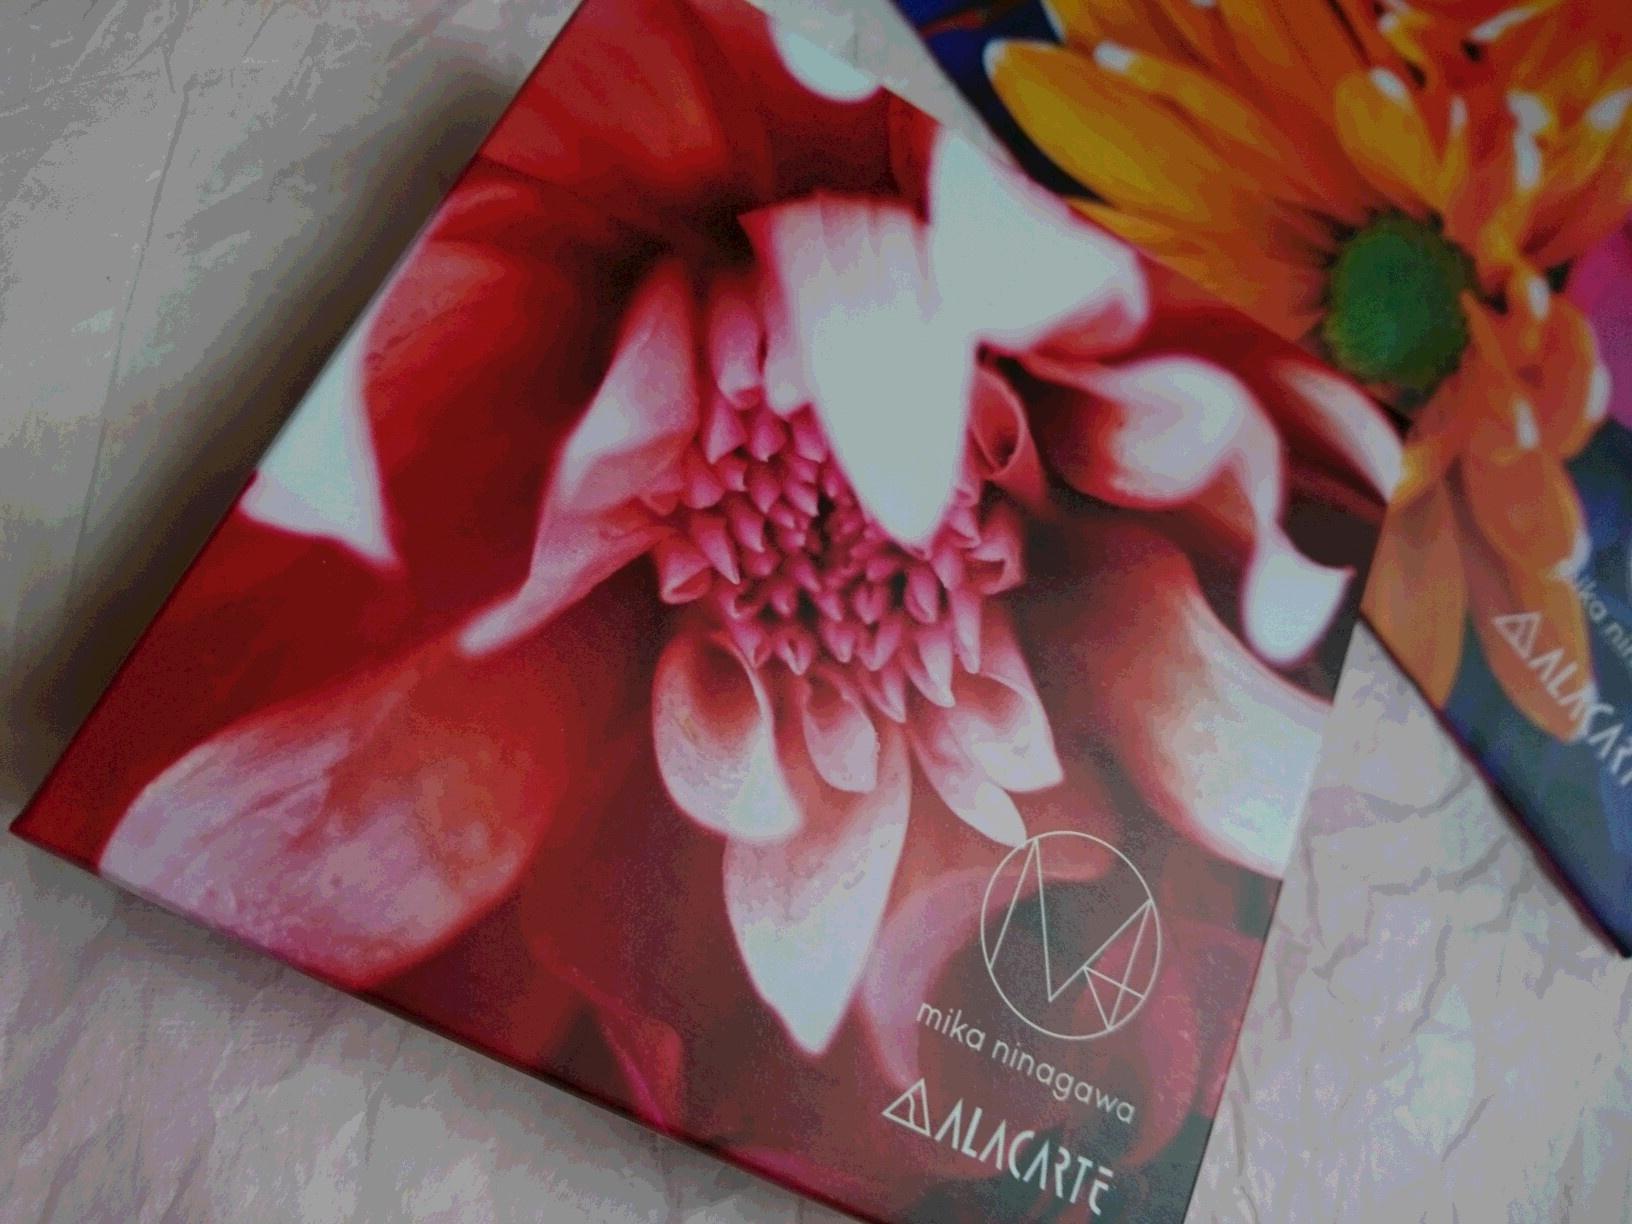 自分用バレンタインチョコは…蜷川実花さんコラボ・スペシャルパッケージのALACARTEチョコ♡_4